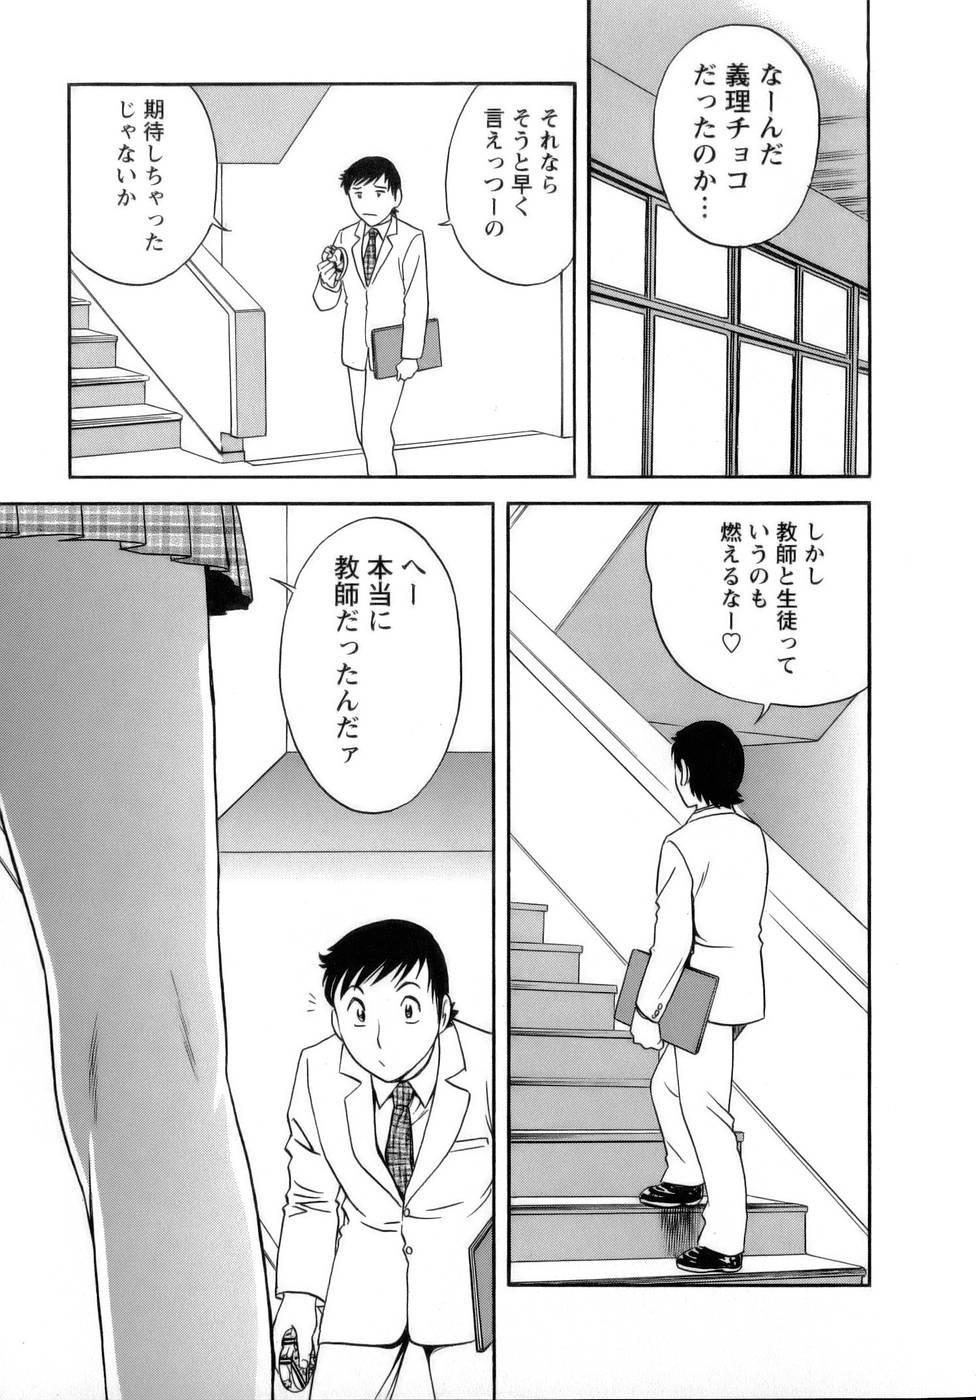 [Hidemaru] Mo-Retsu! Boin Sensei (Boing Boing Teacher) Vol.1 98